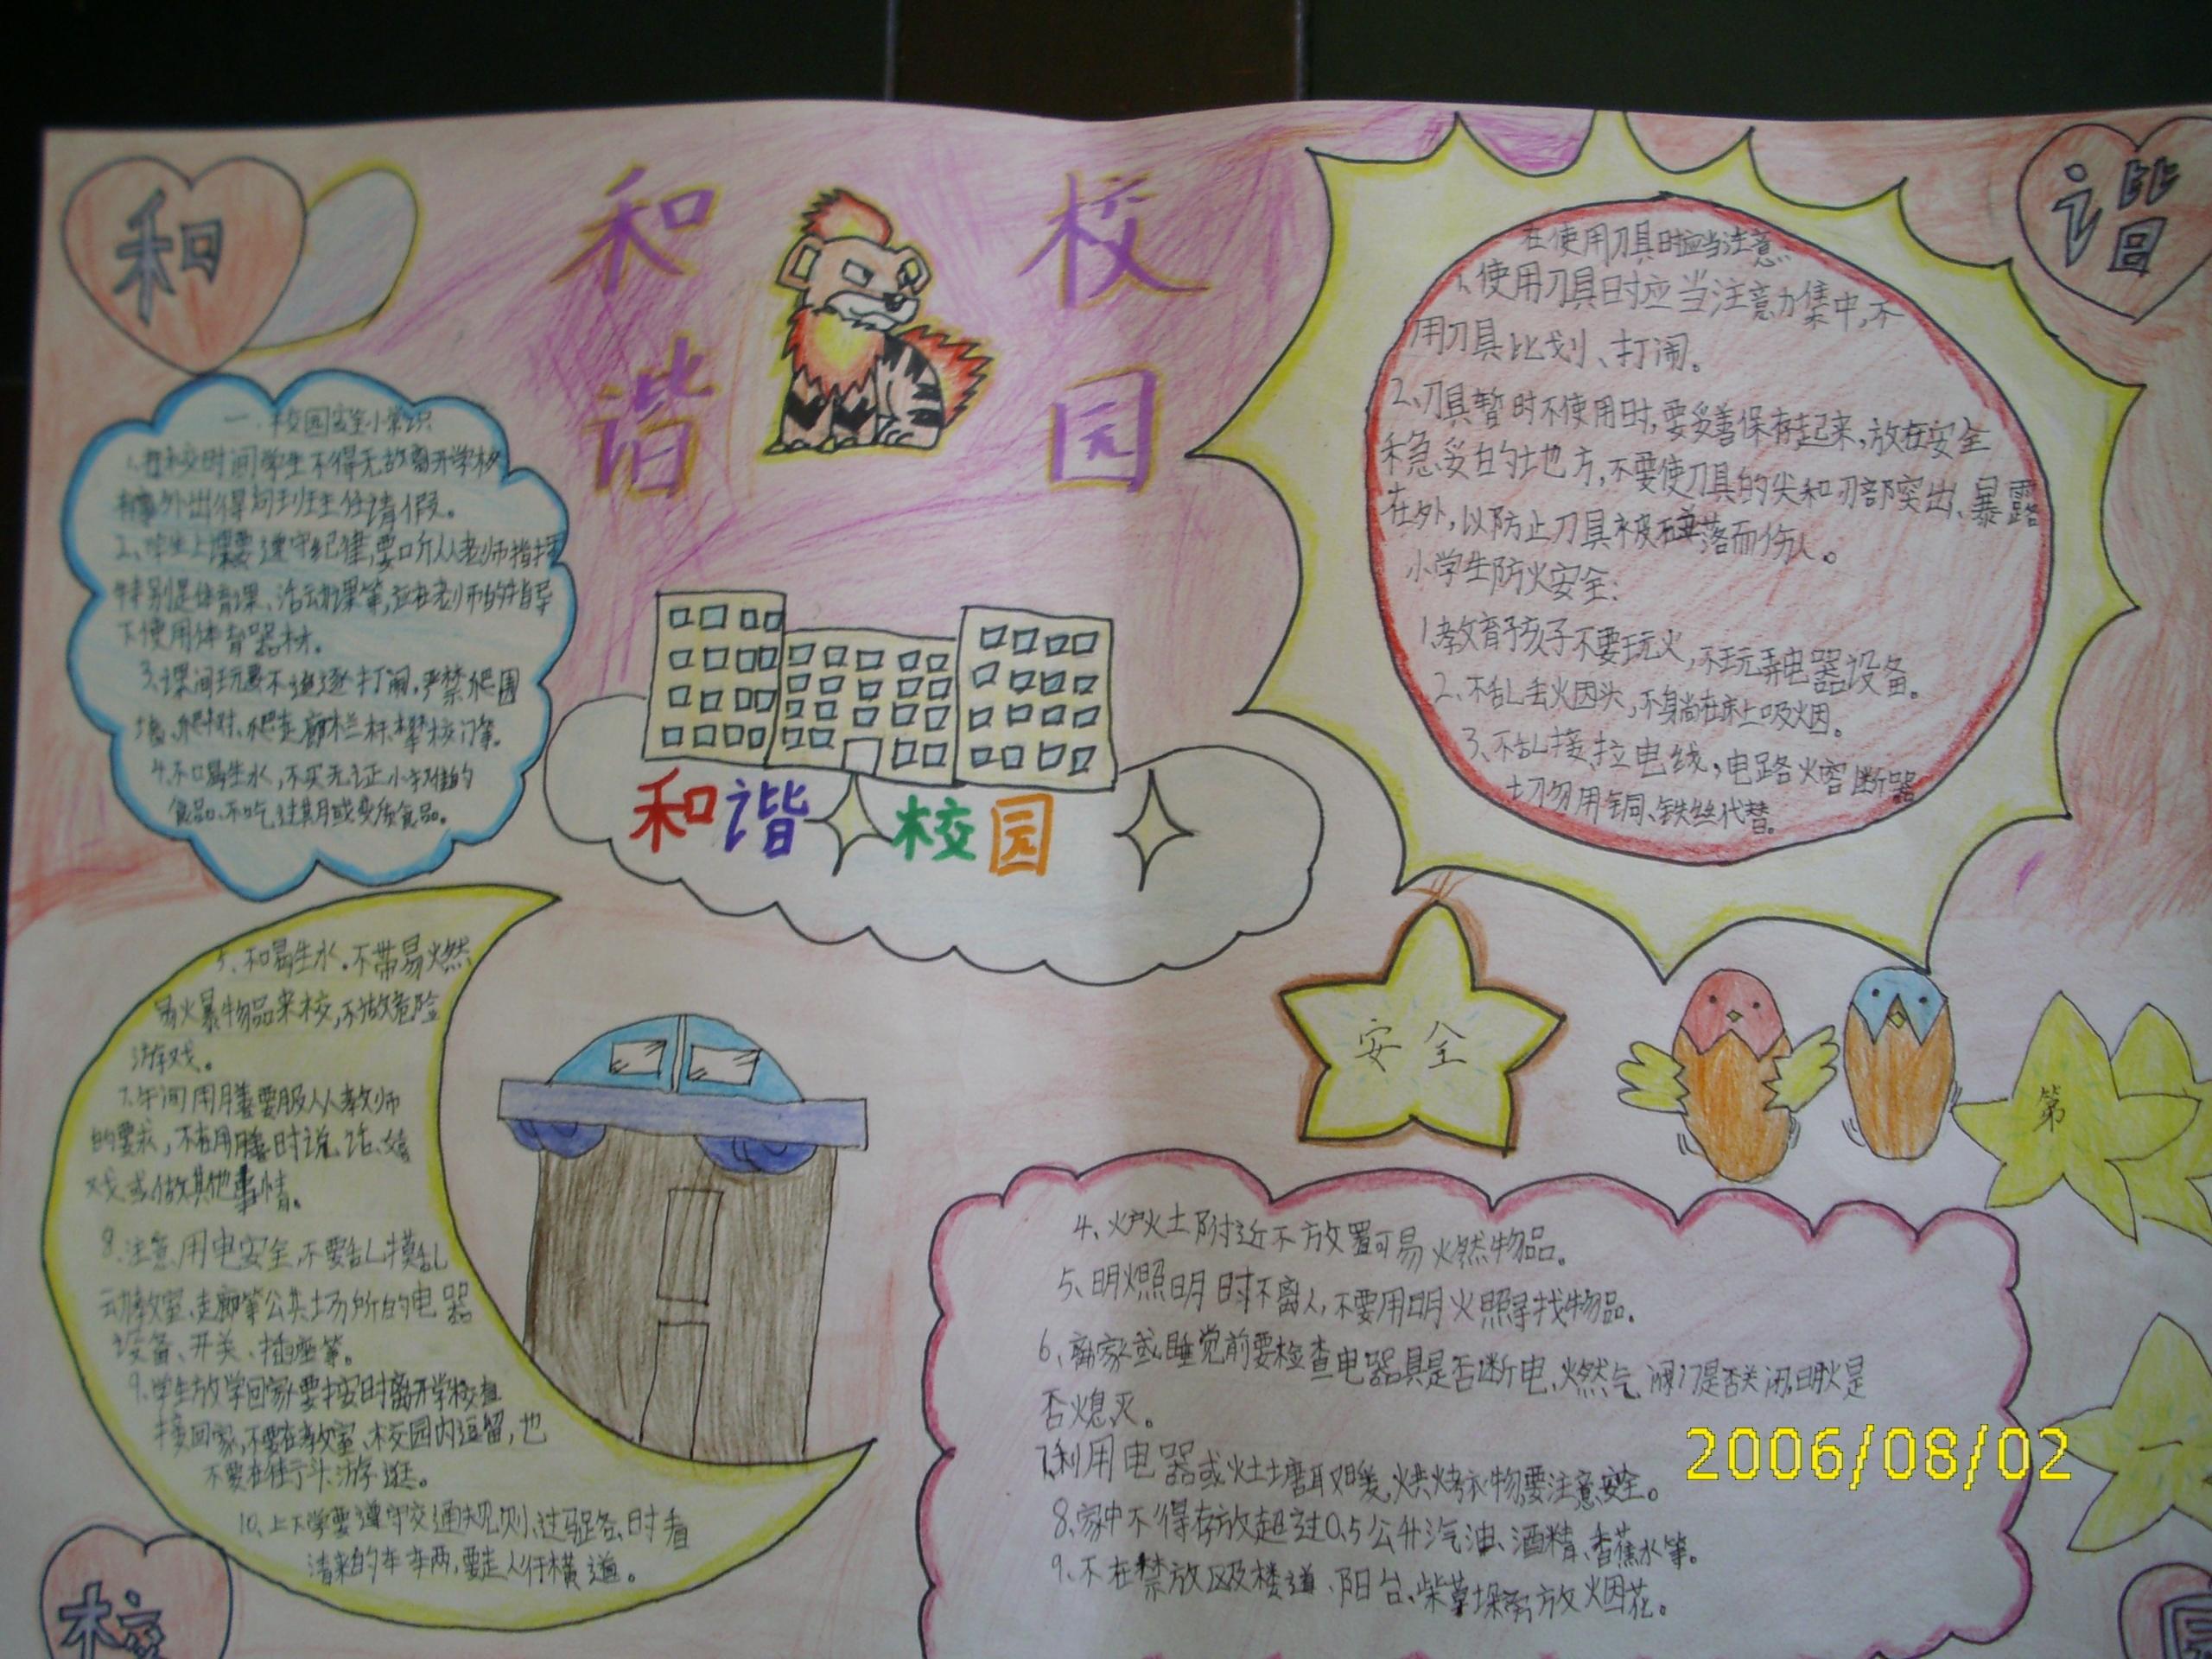 英语手抄报k真人 关于新年的英语手抄报 保护地球英语手抄高清图片